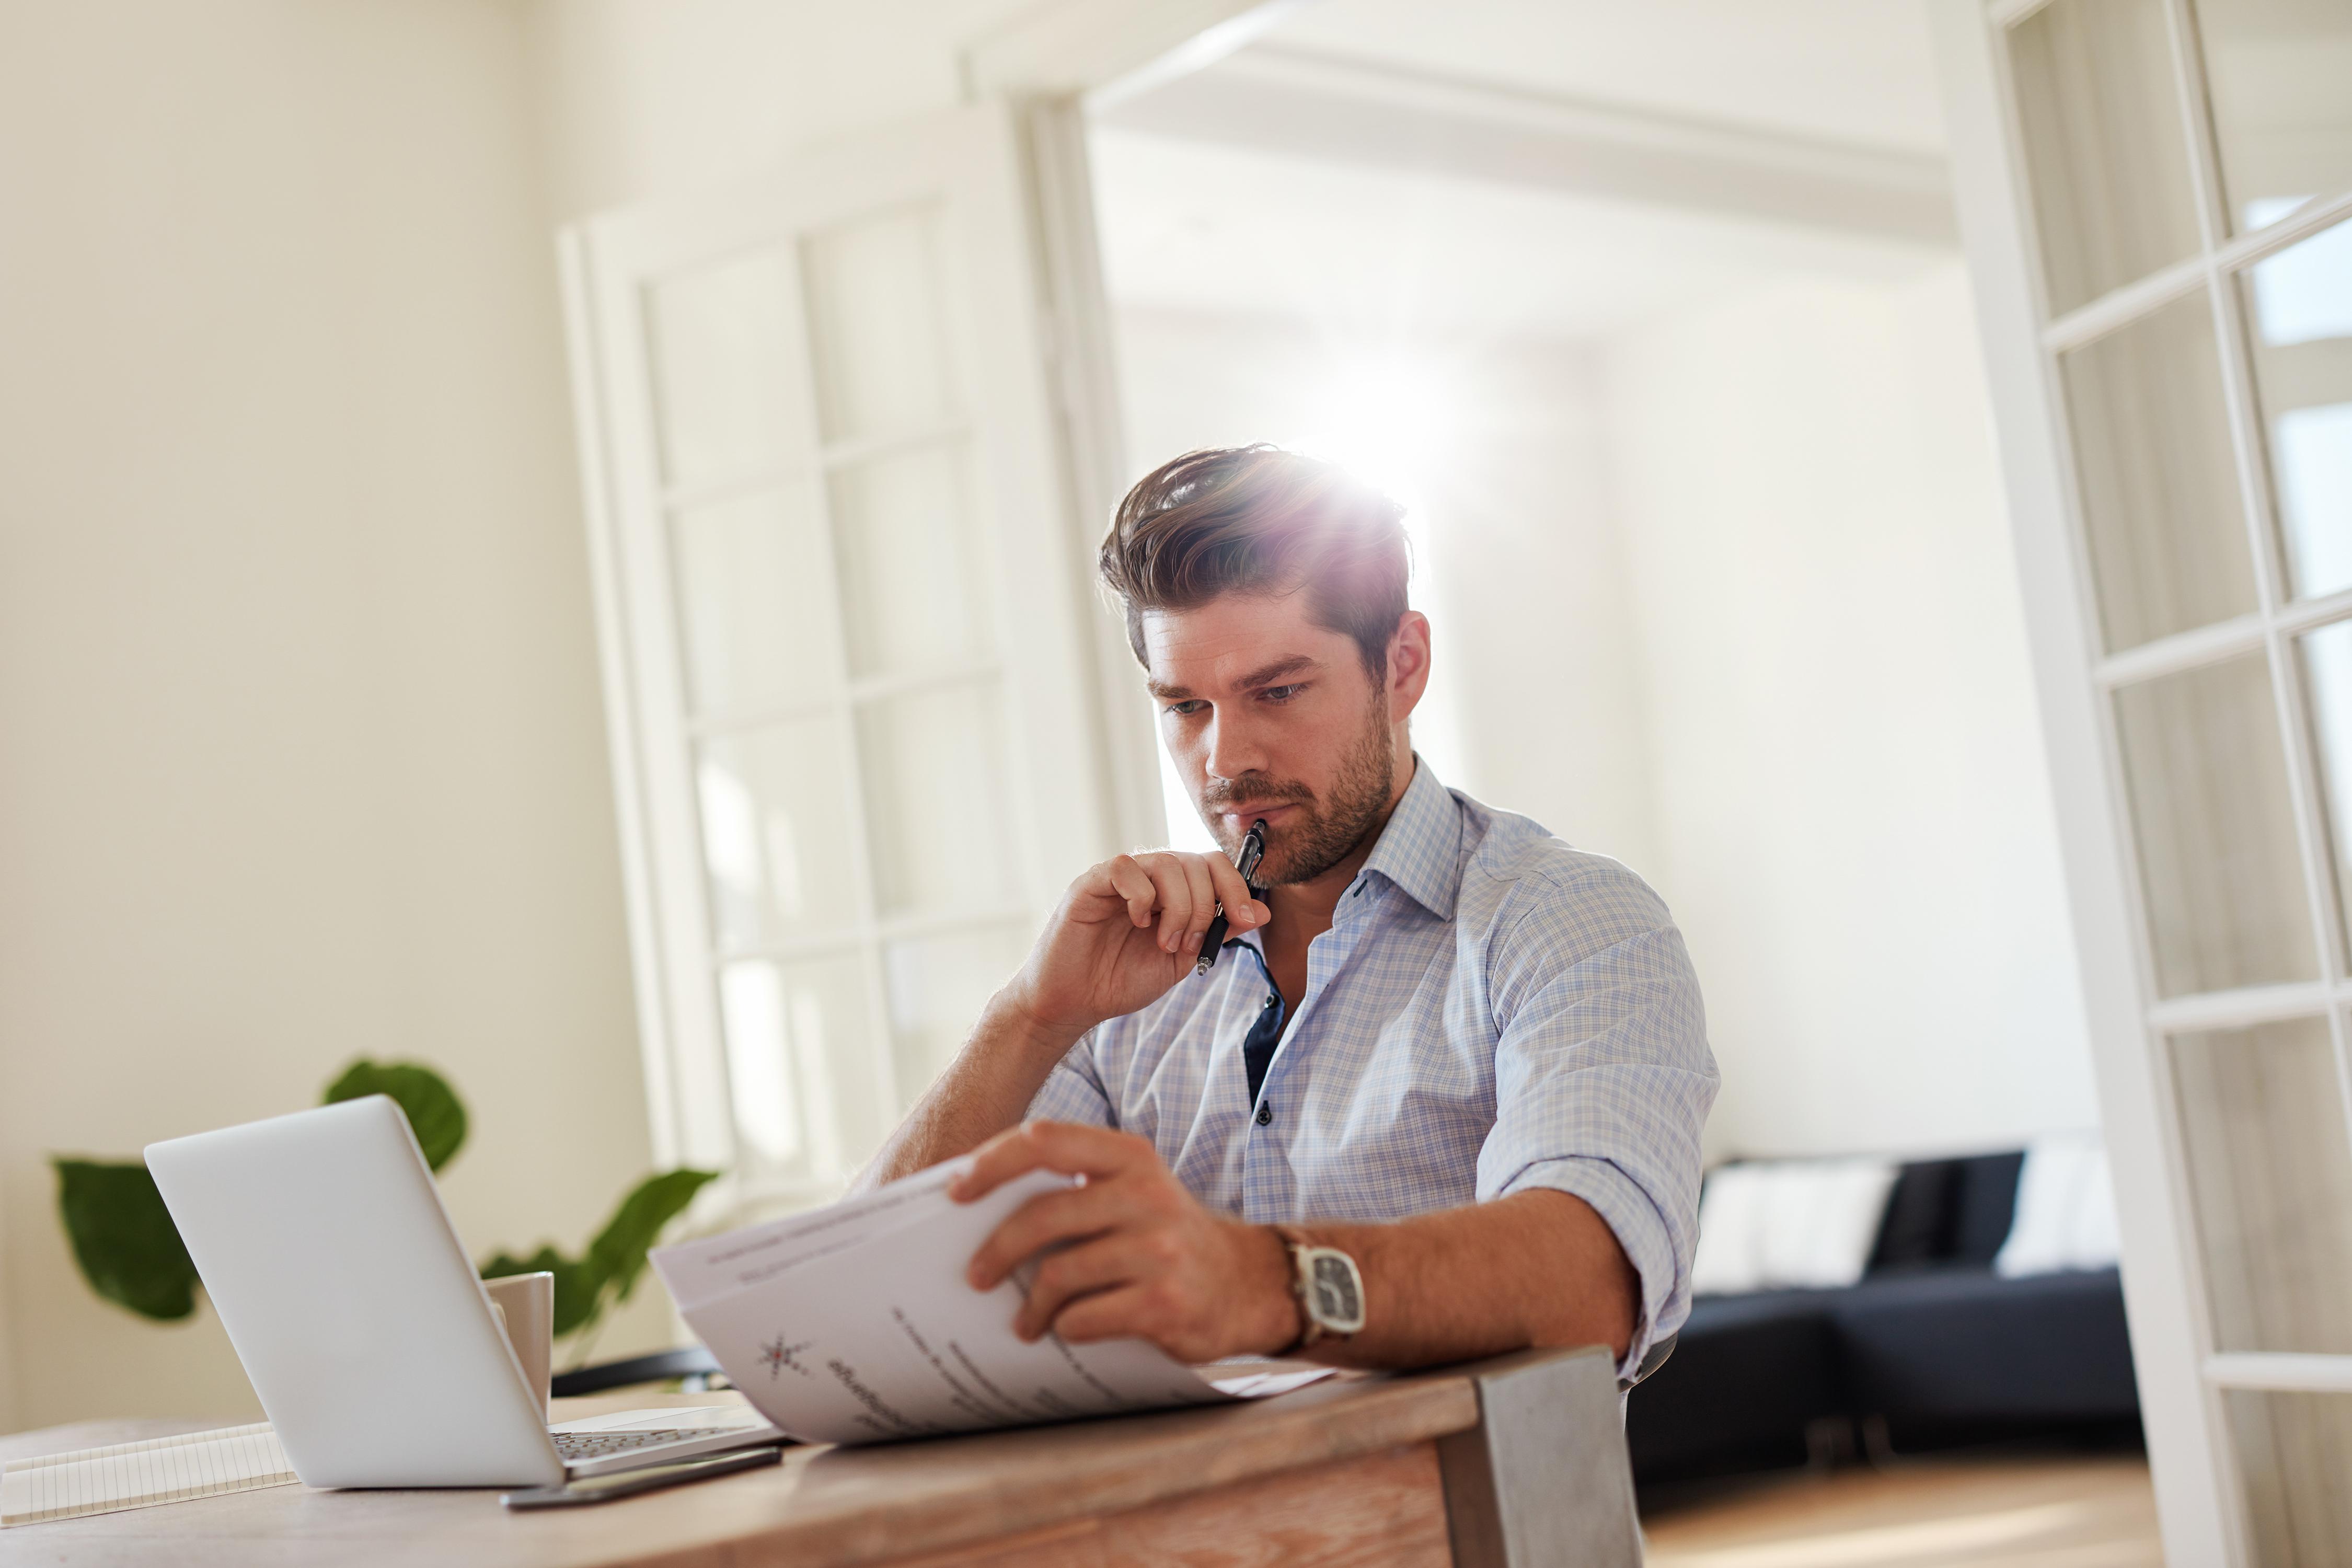 Junger Mann liest Dokumente zu Hause vor seinem Laptop